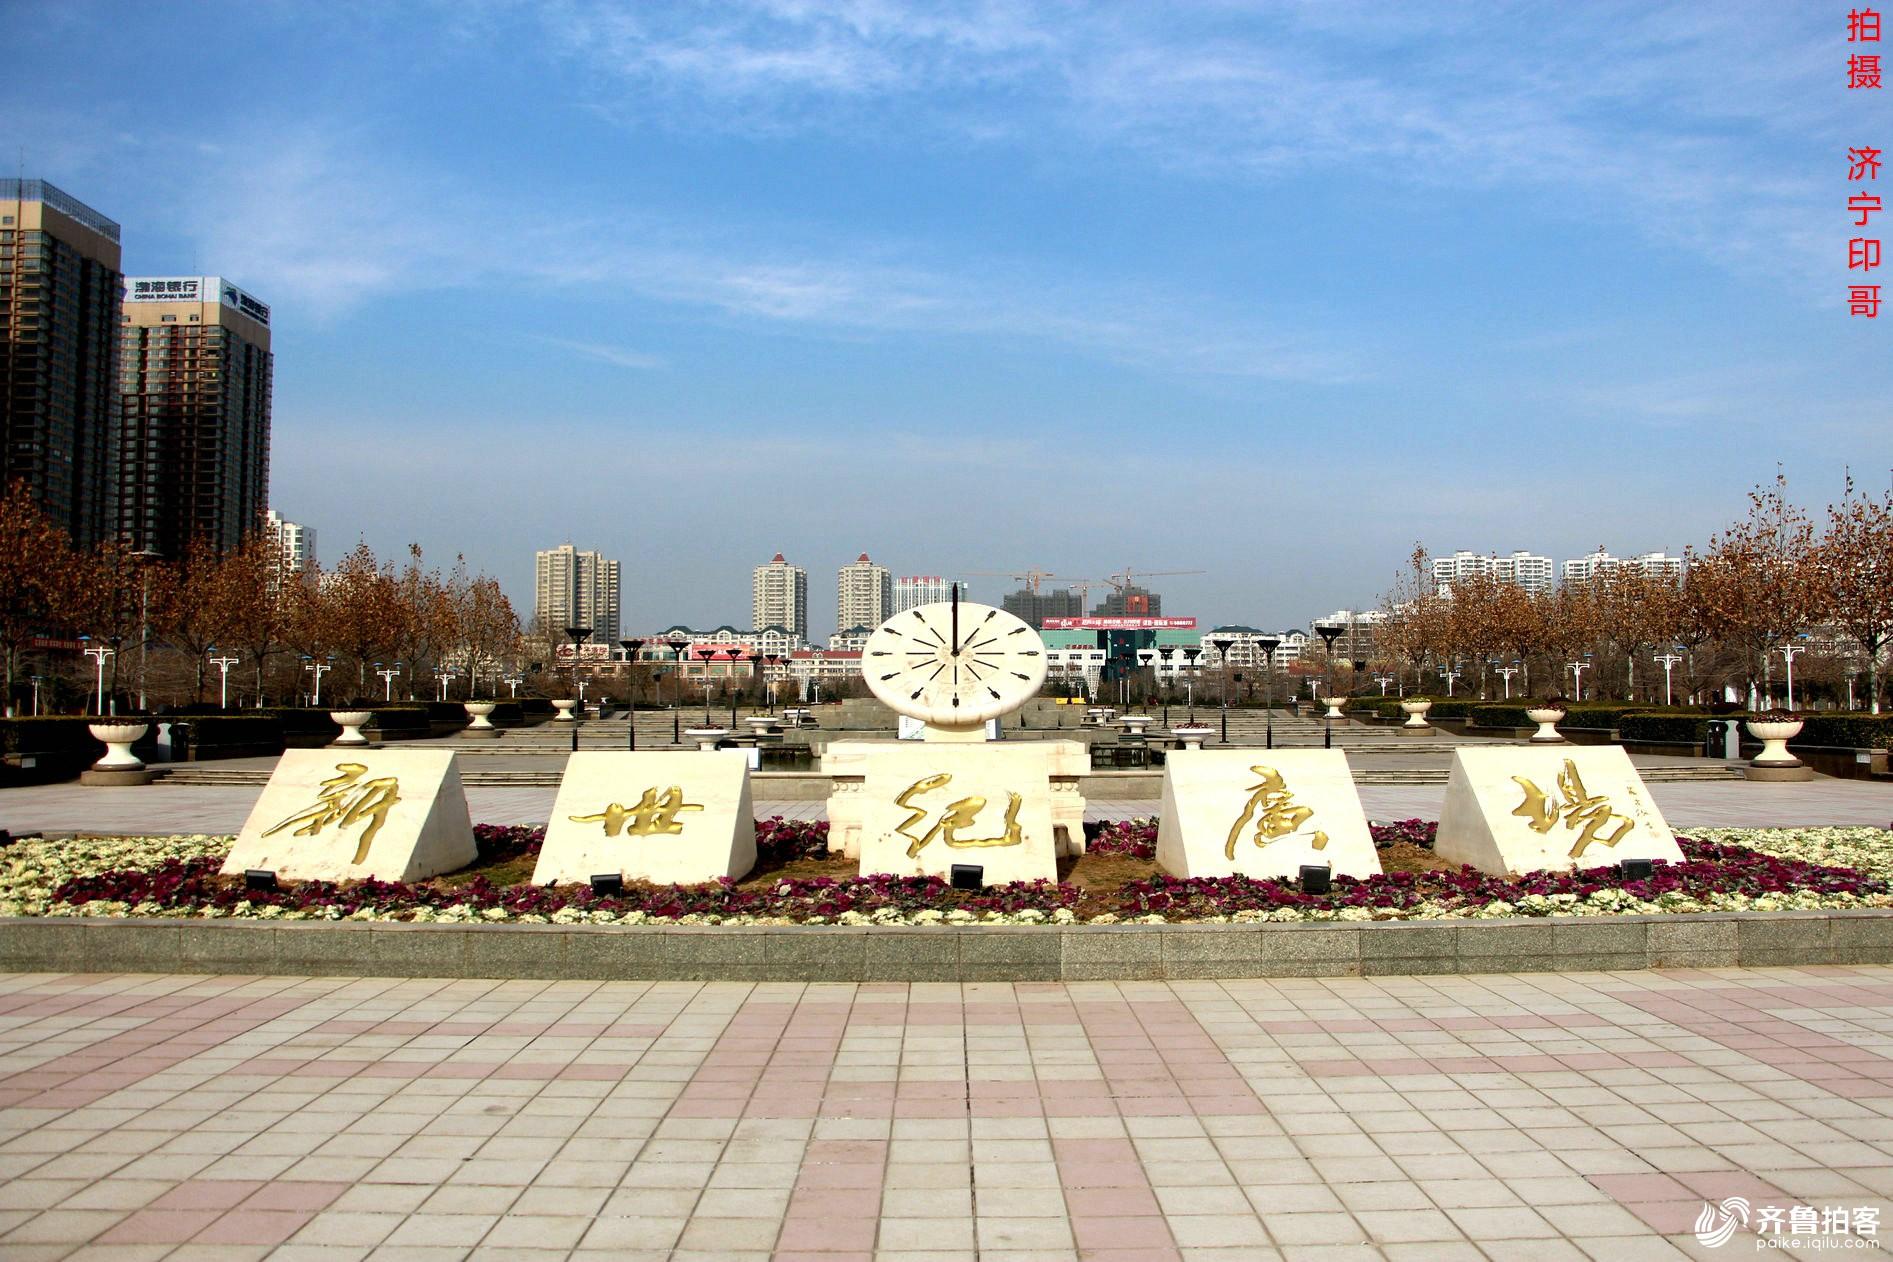 济宁美团团_论坛 69 casino团 69 济宁 69 casino casino online   本帖